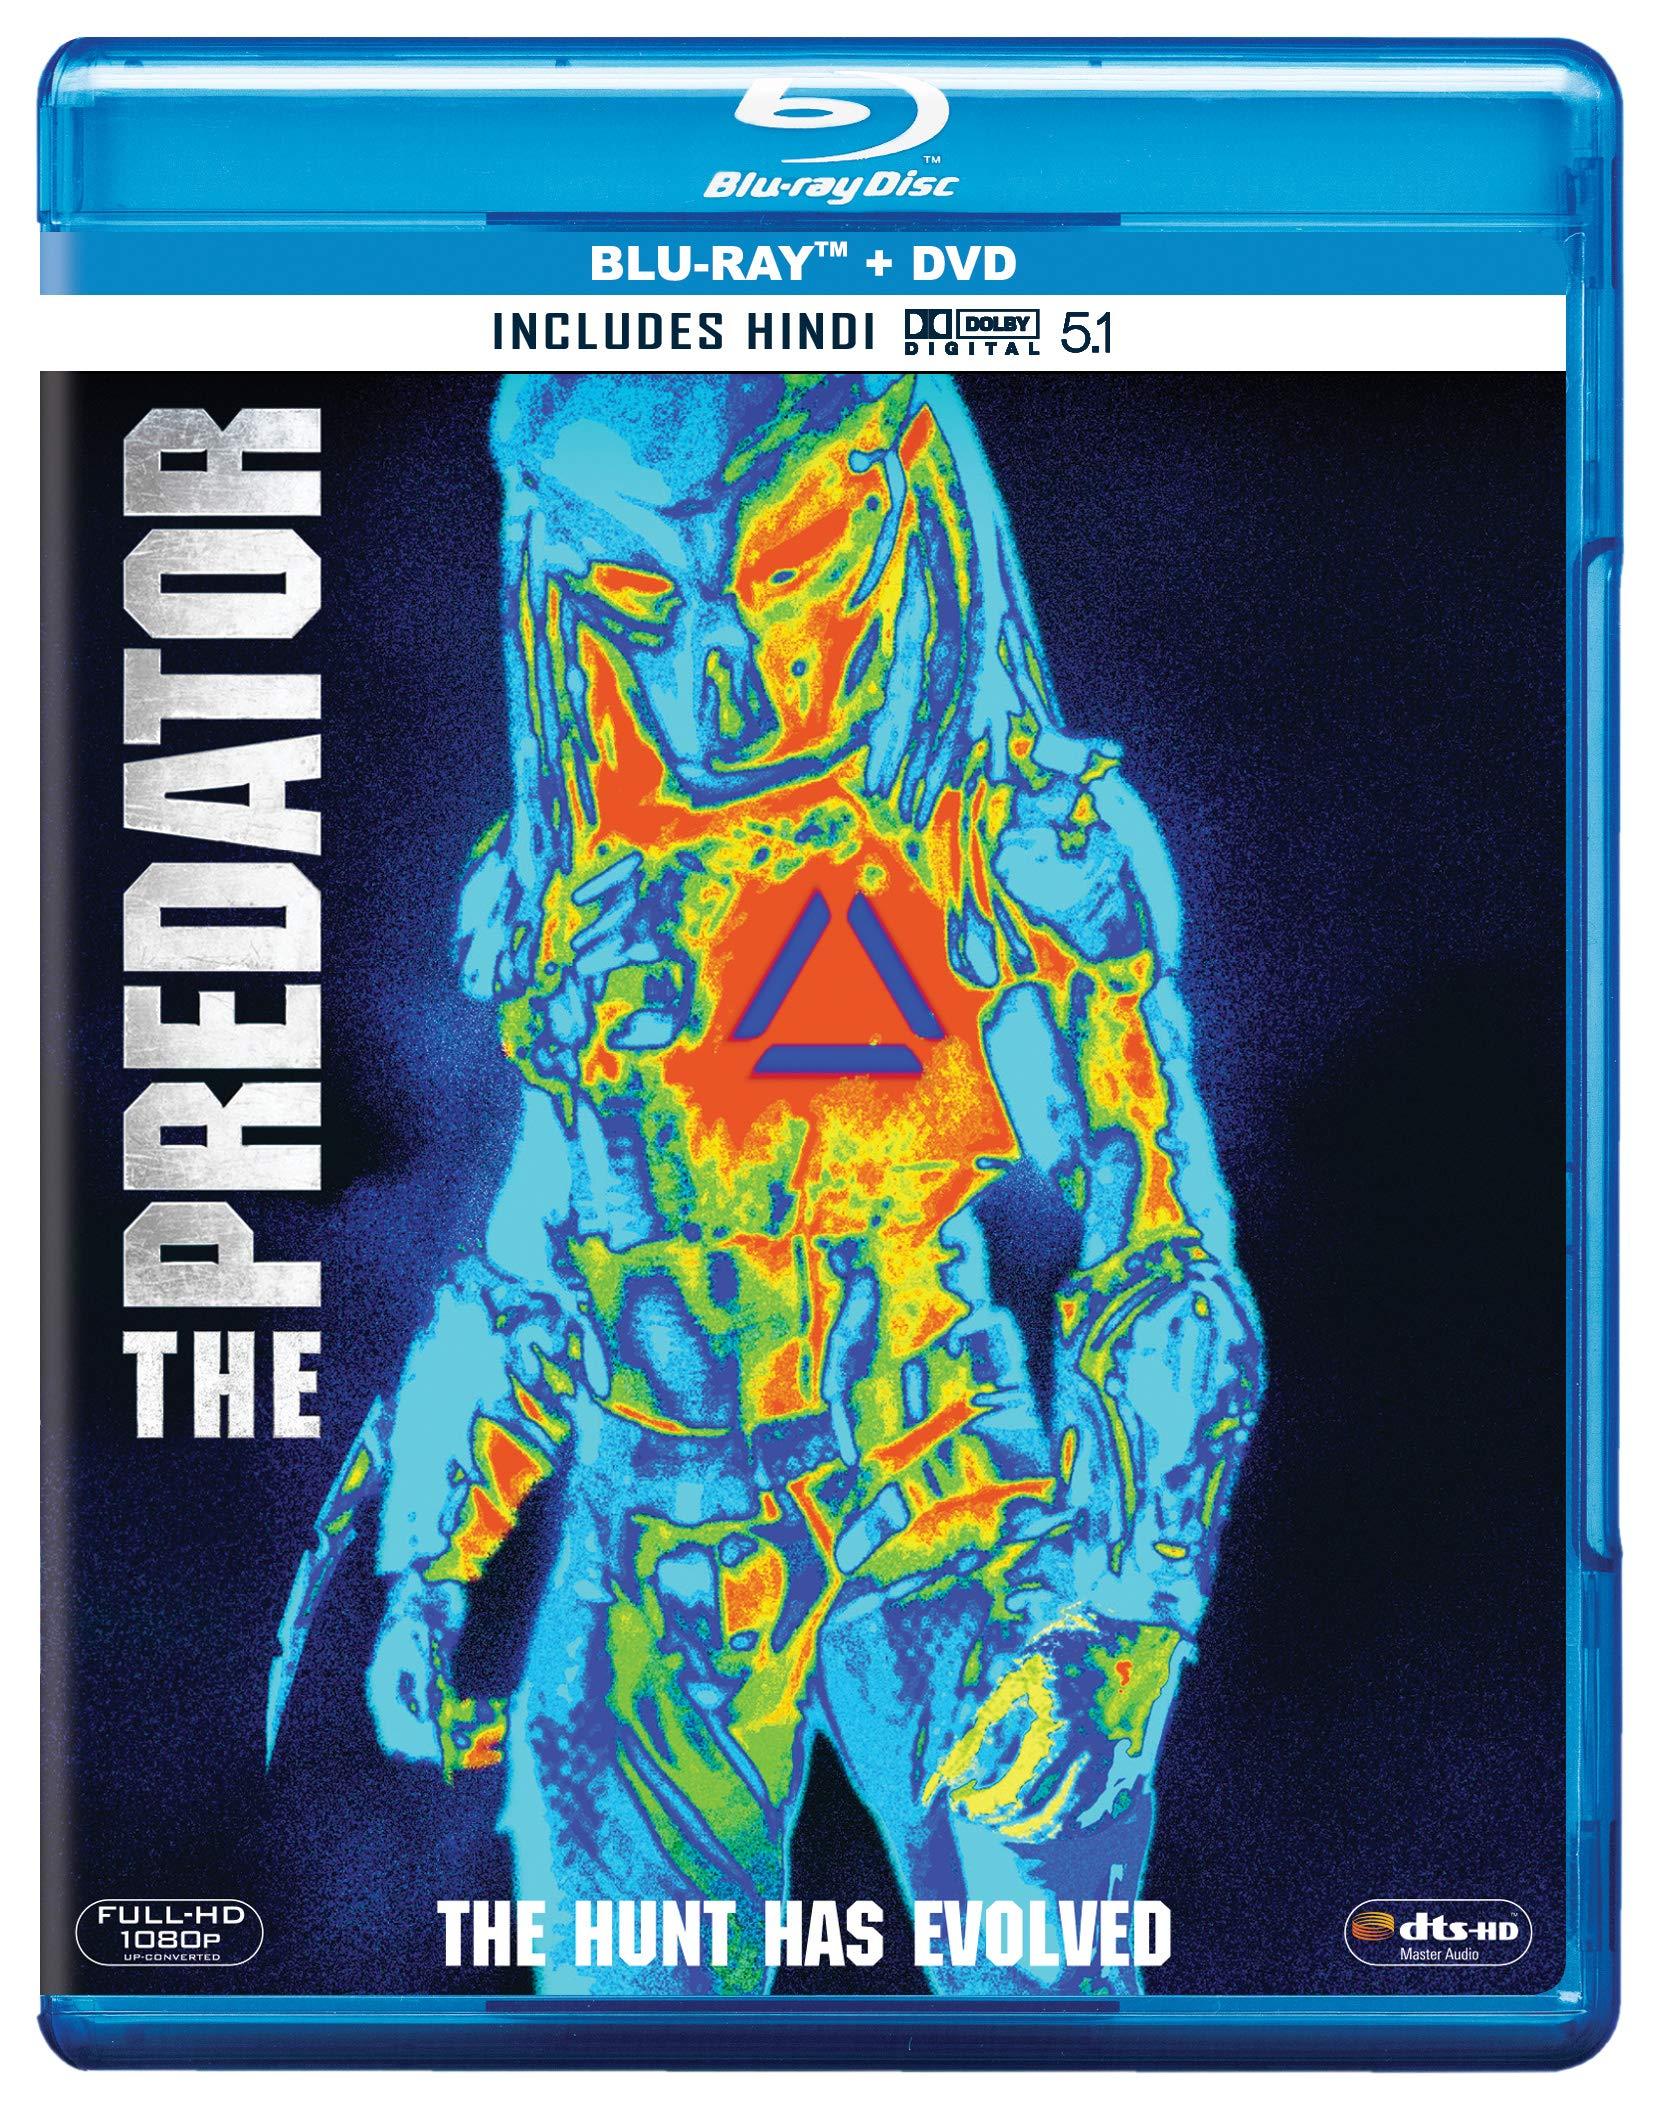 The Predator (2018) (Blu-ray + DVD) | Movies, Movies and TV